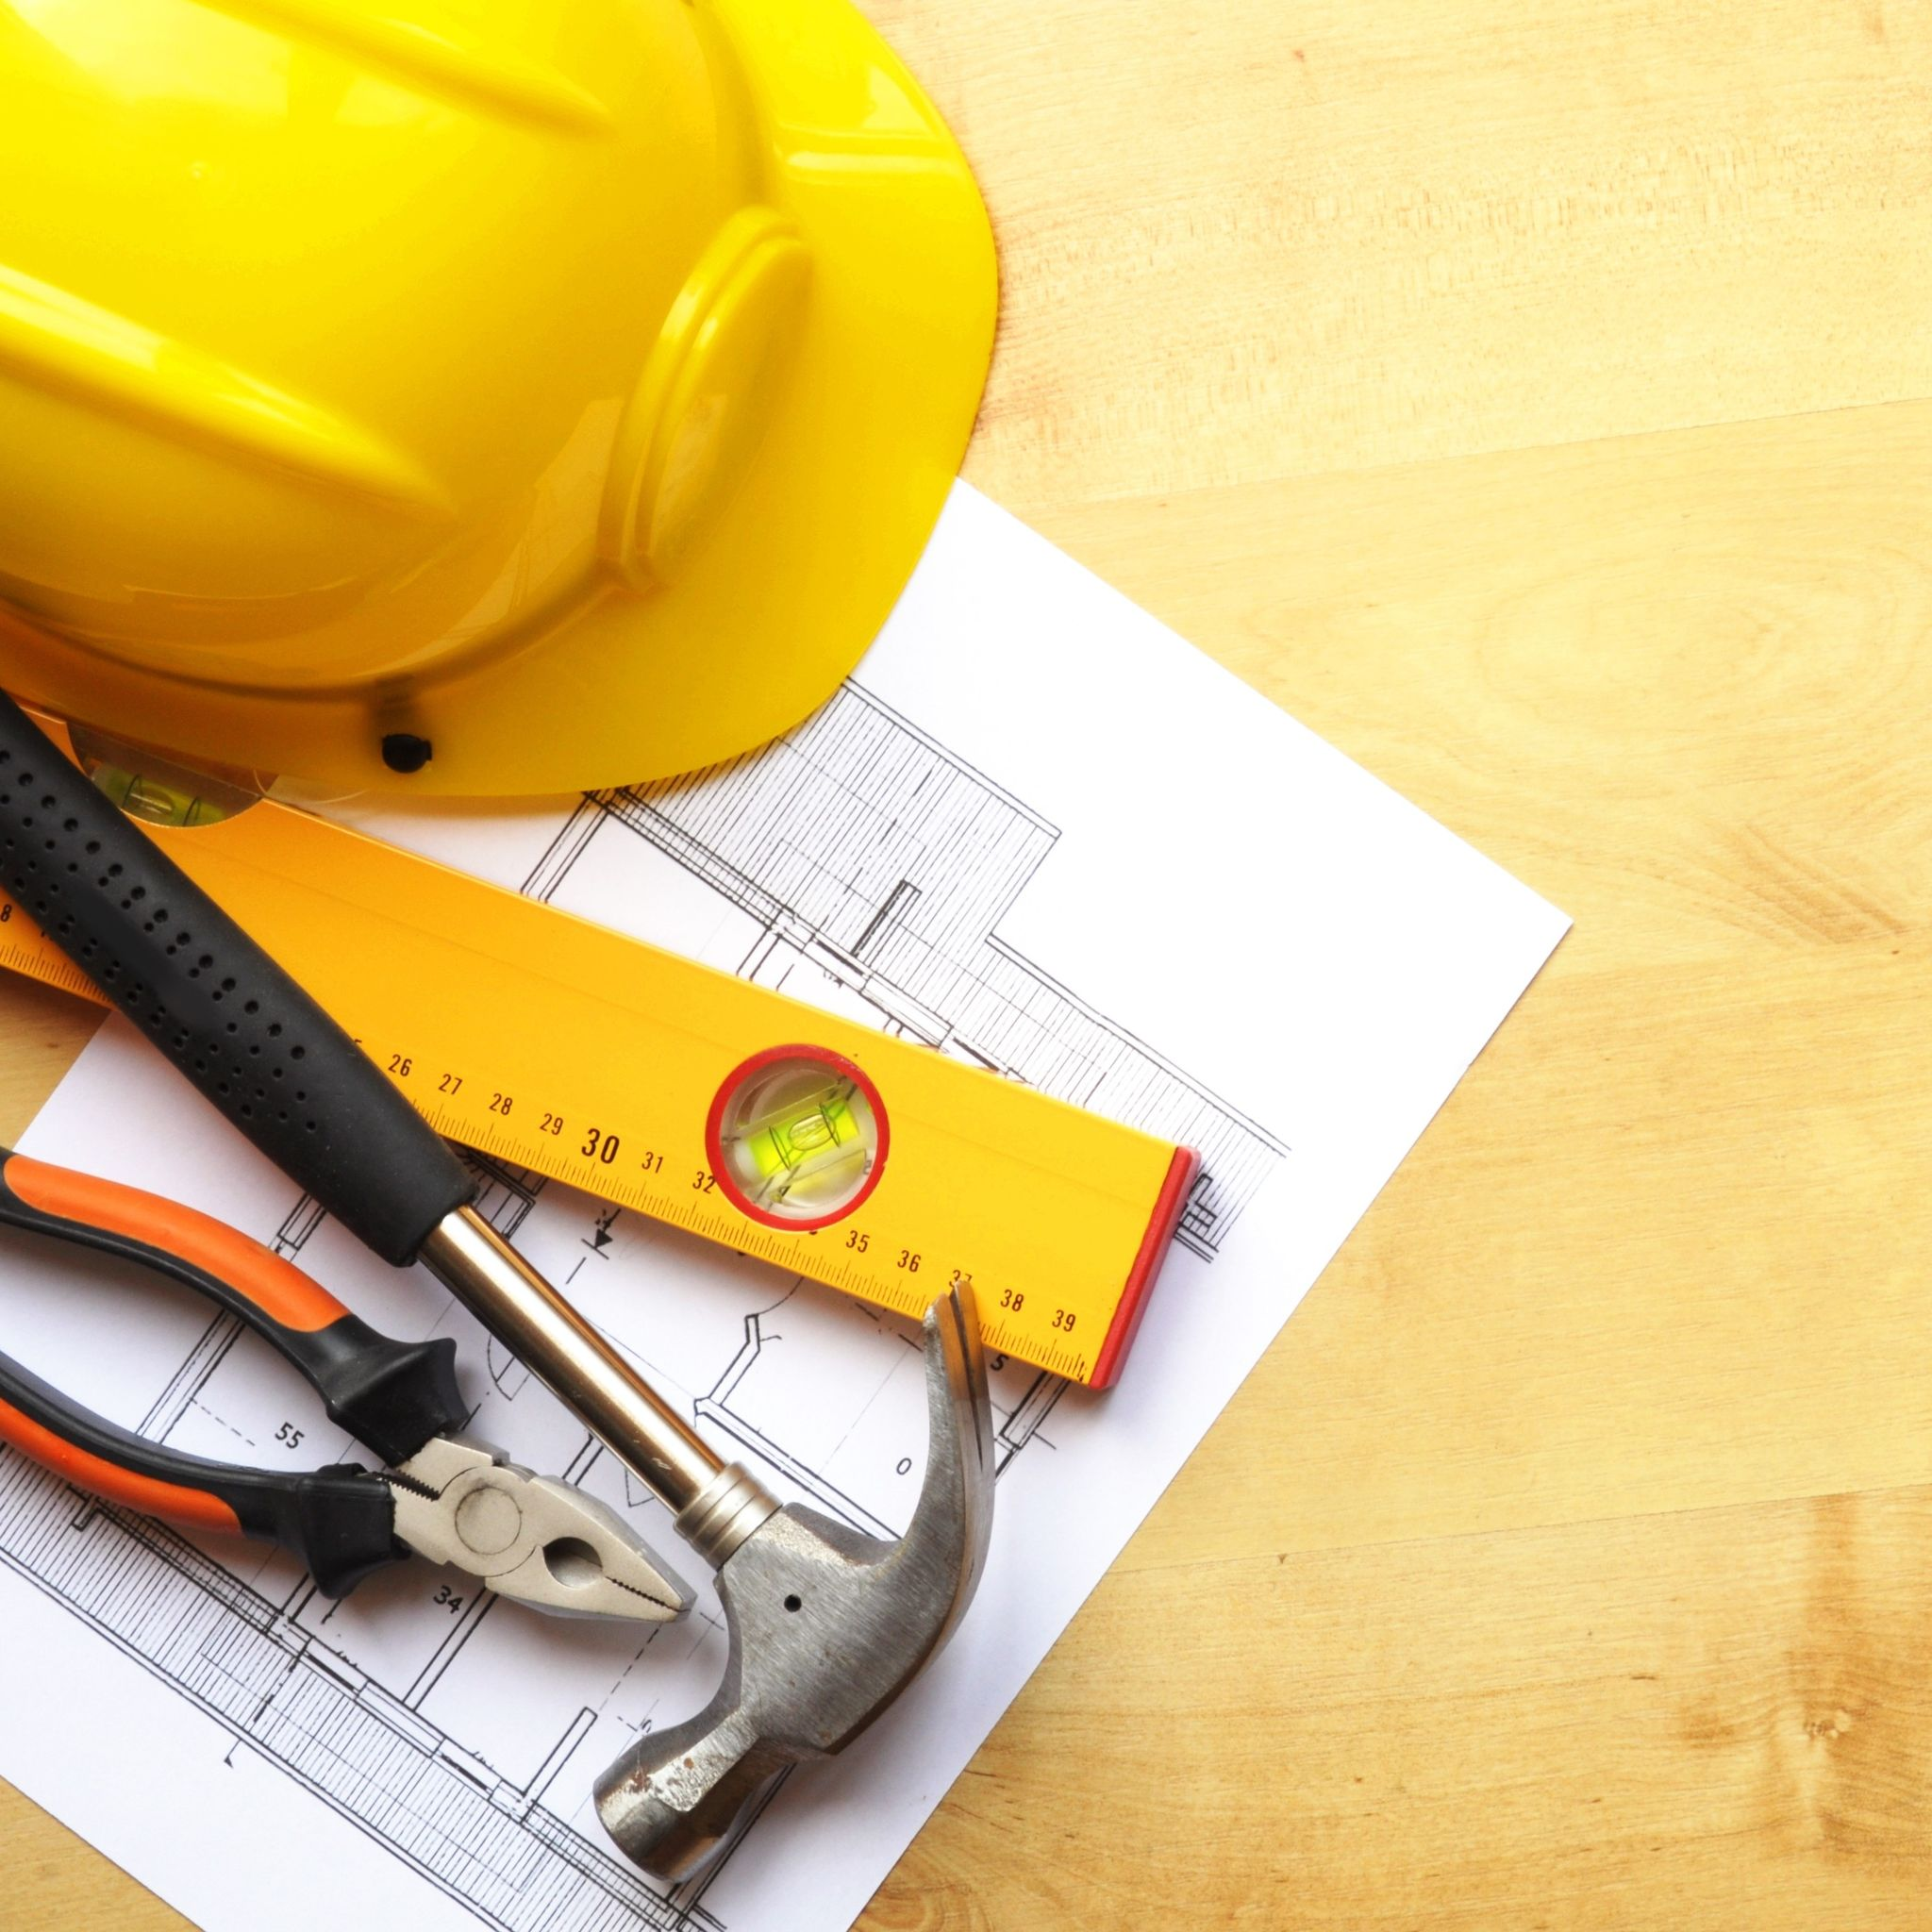 Не е започната изградбата на социјалните станови во Бутел, Фото: Принтскрин